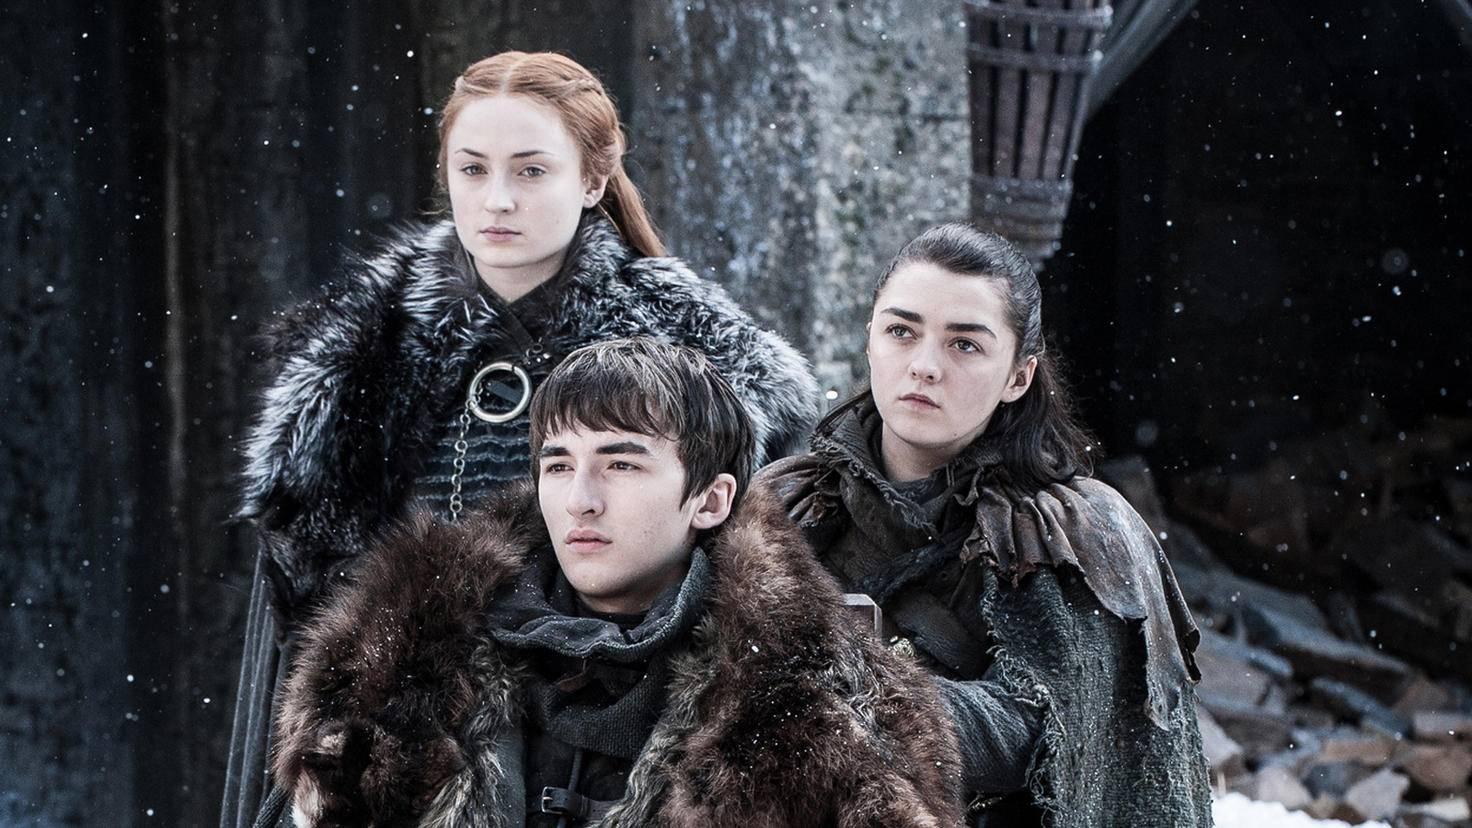 Endlich wieder vereint: Sansa, Arya und Bran Stark.